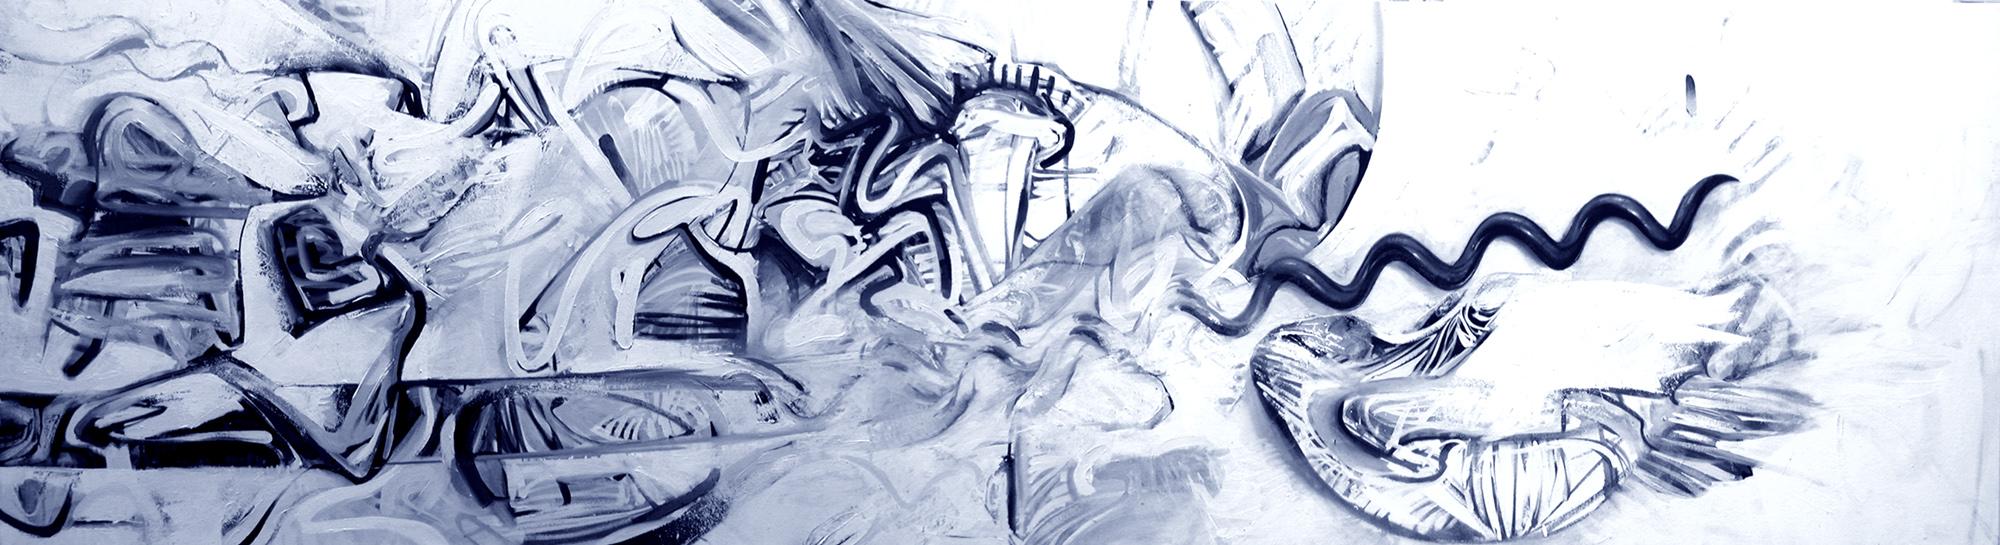 Gracie 2005 600x2400